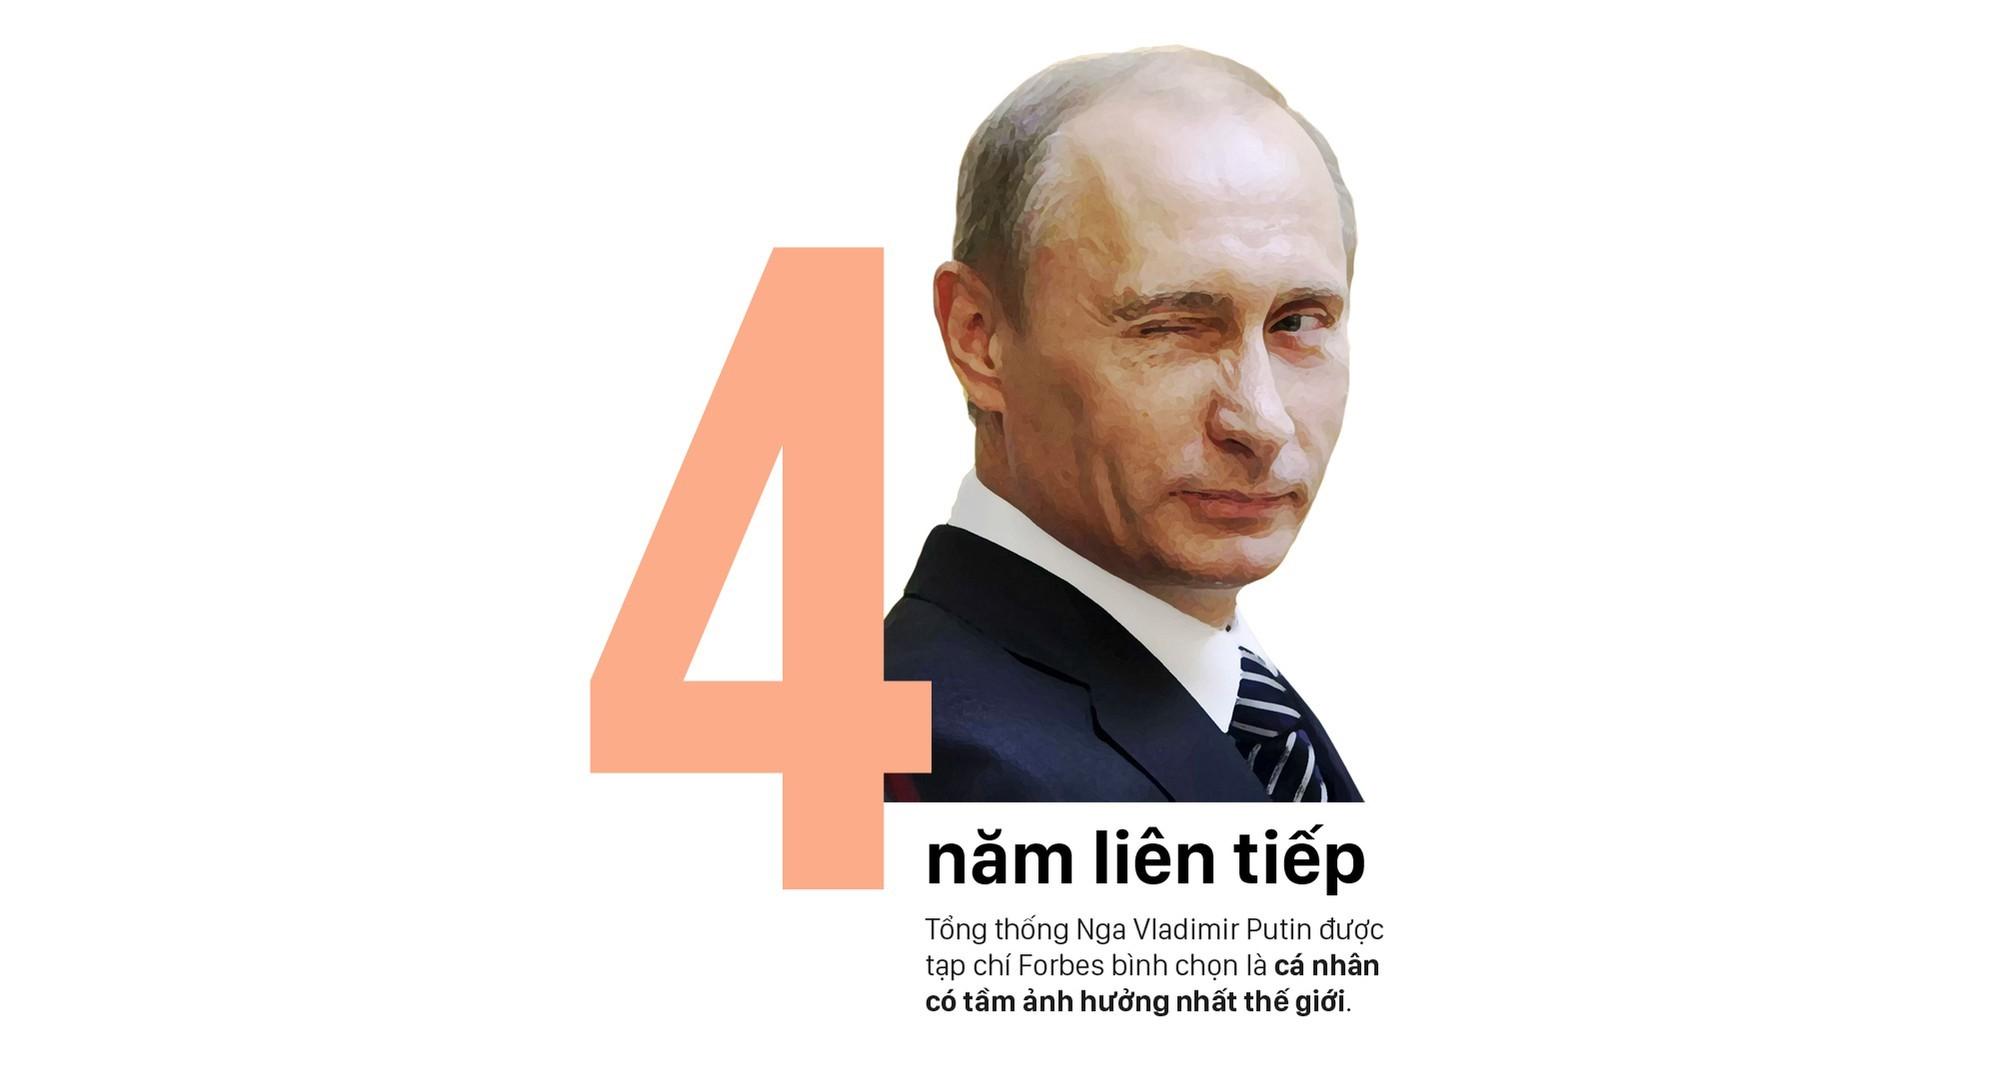 Tổng thống Nga Vladimir Putin: Chủ nhân Điện Kremlin 3 nhiệm kỳ và những con số đáng nể - Ảnh 6.